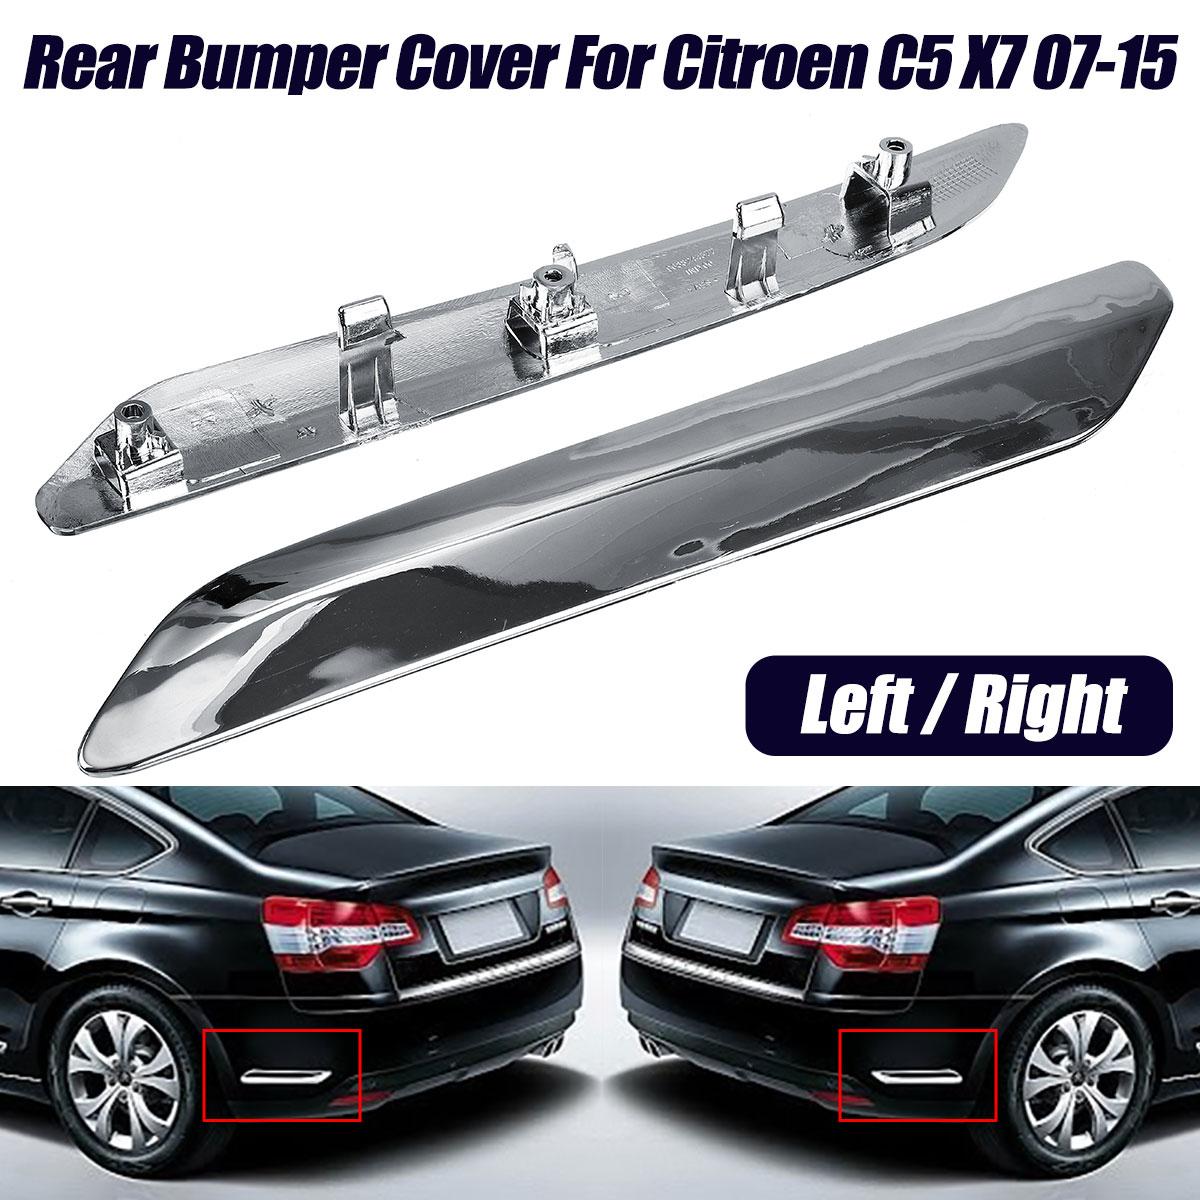 Для Citroen C5 X7 2007-2015 хромированная накладка на бампер Накладка защита от царапин хромированный Стайлинг Декор